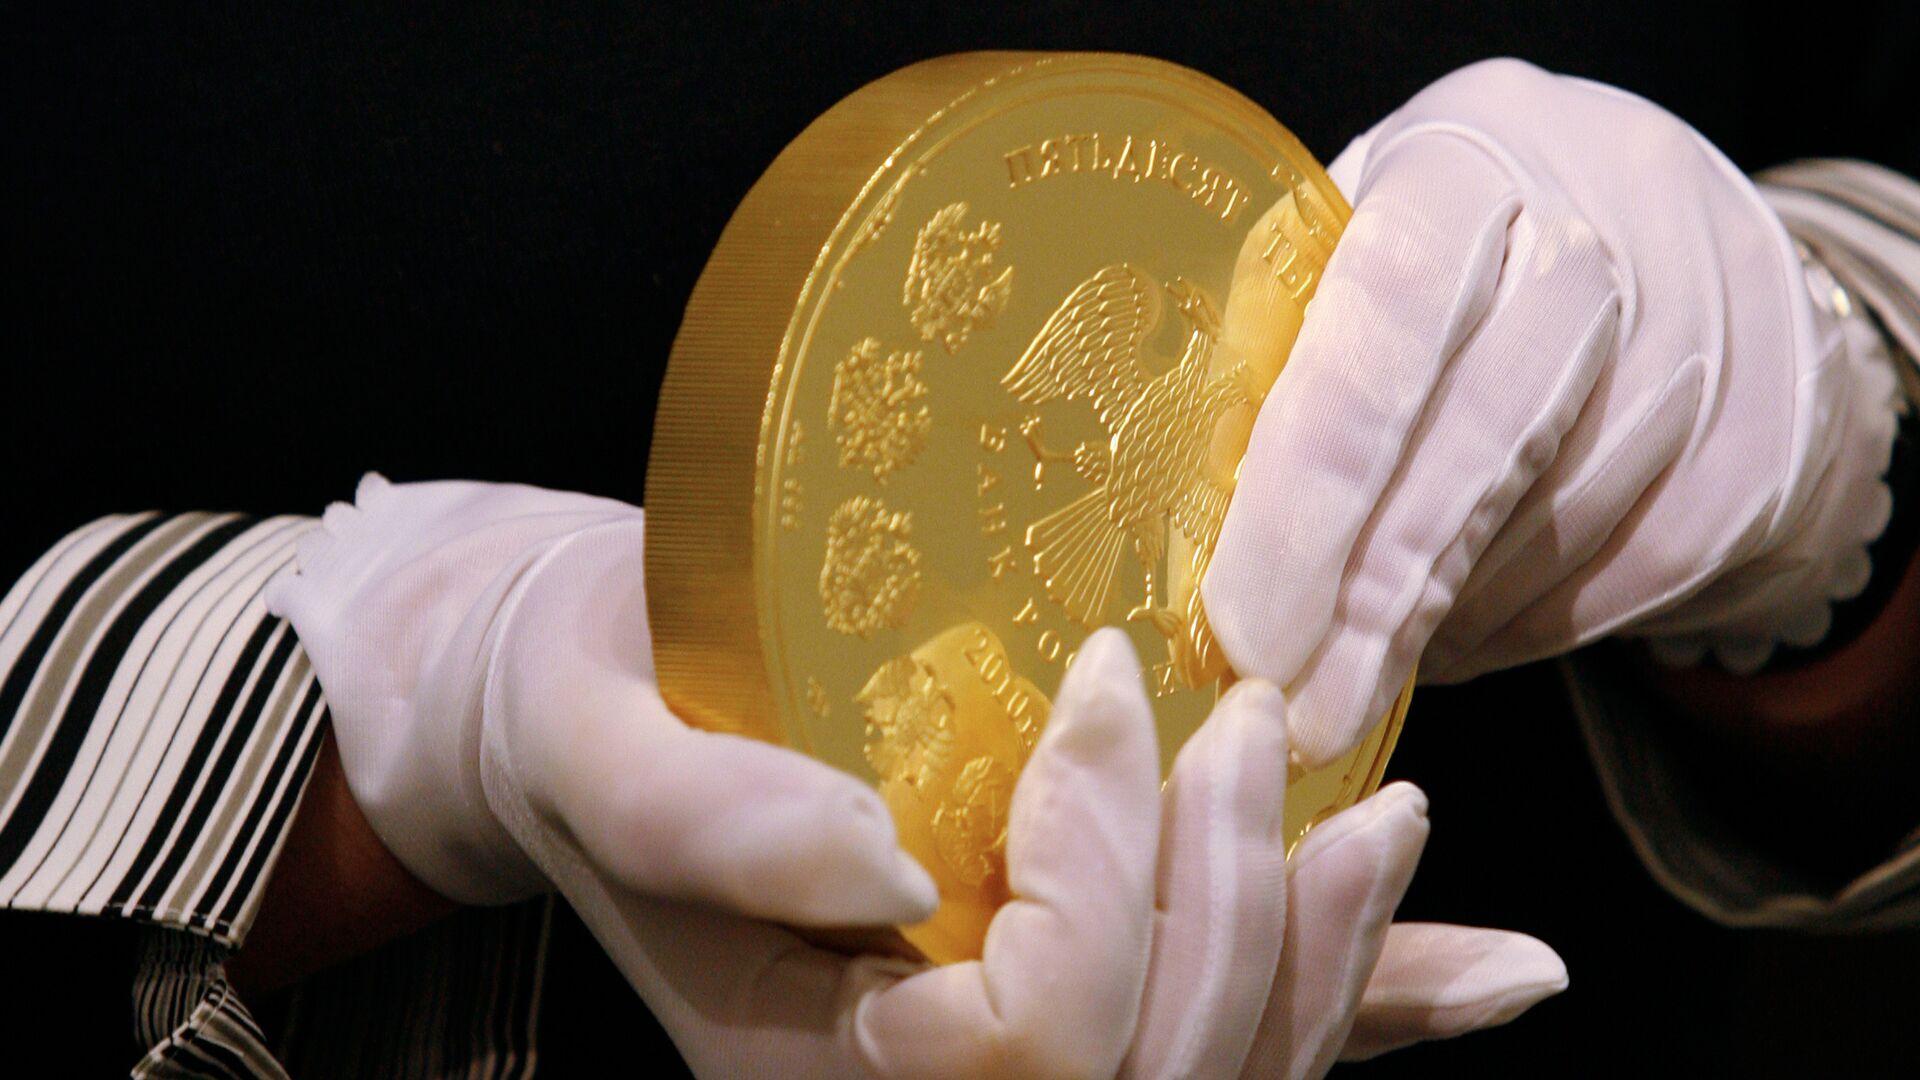 Выпущена серия памятных монет из золота и серебра к юбилею ЦБ РФ - РИА Новости, 1920, 25.09.2020